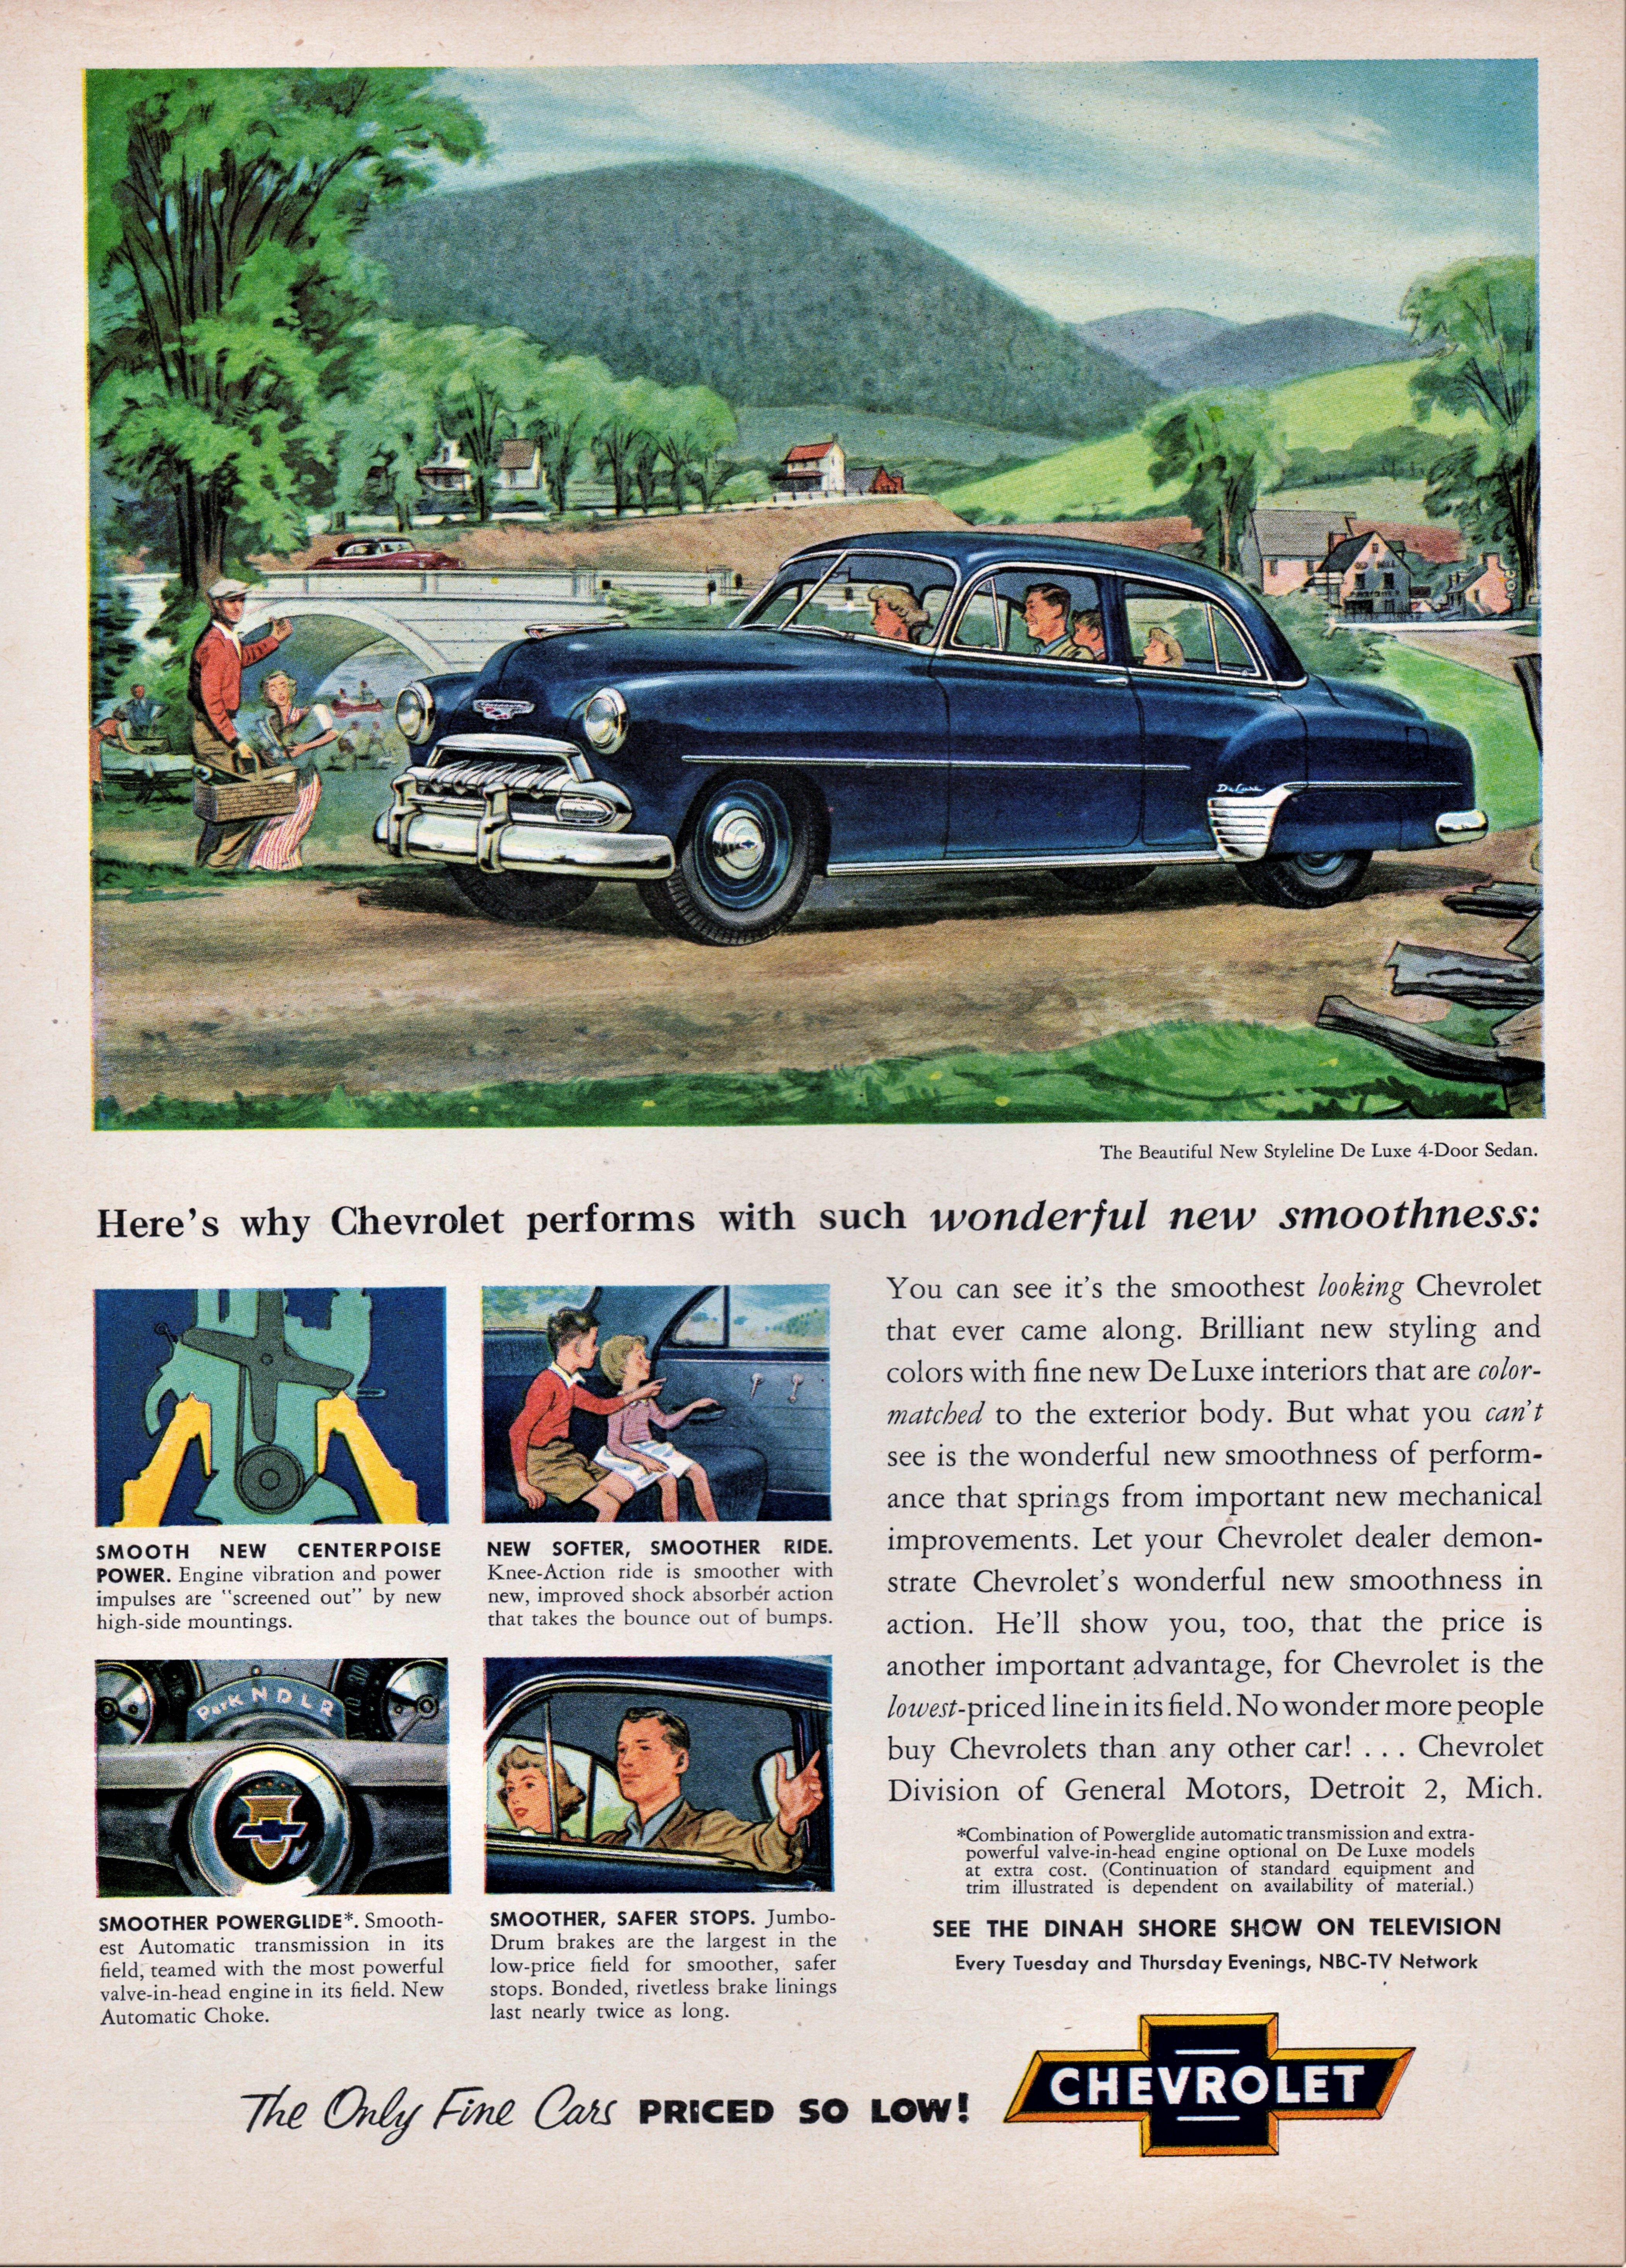 1952 Chevrolet Styleline De Luxe 4-Door Sedan